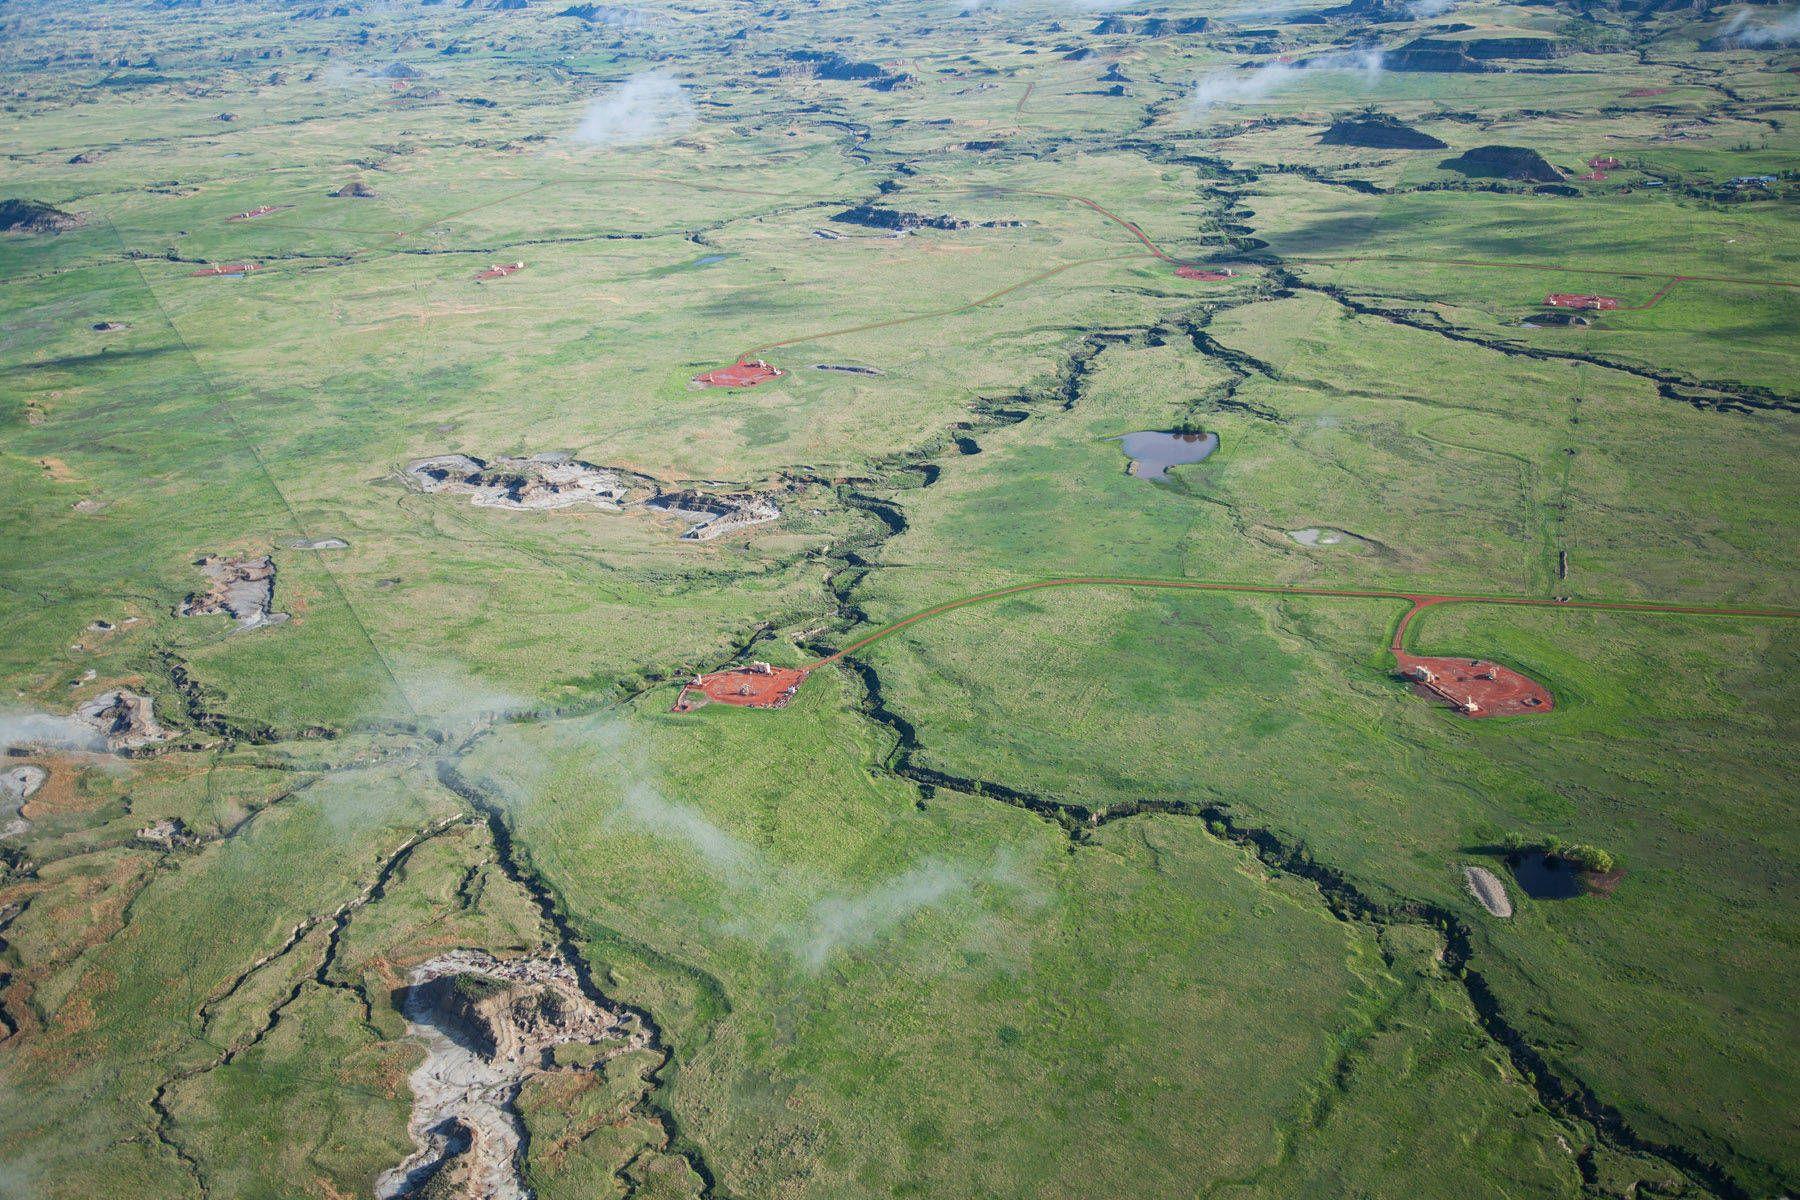 Fracking in the Bakken region encroach on Theodore Roosevelt National Park